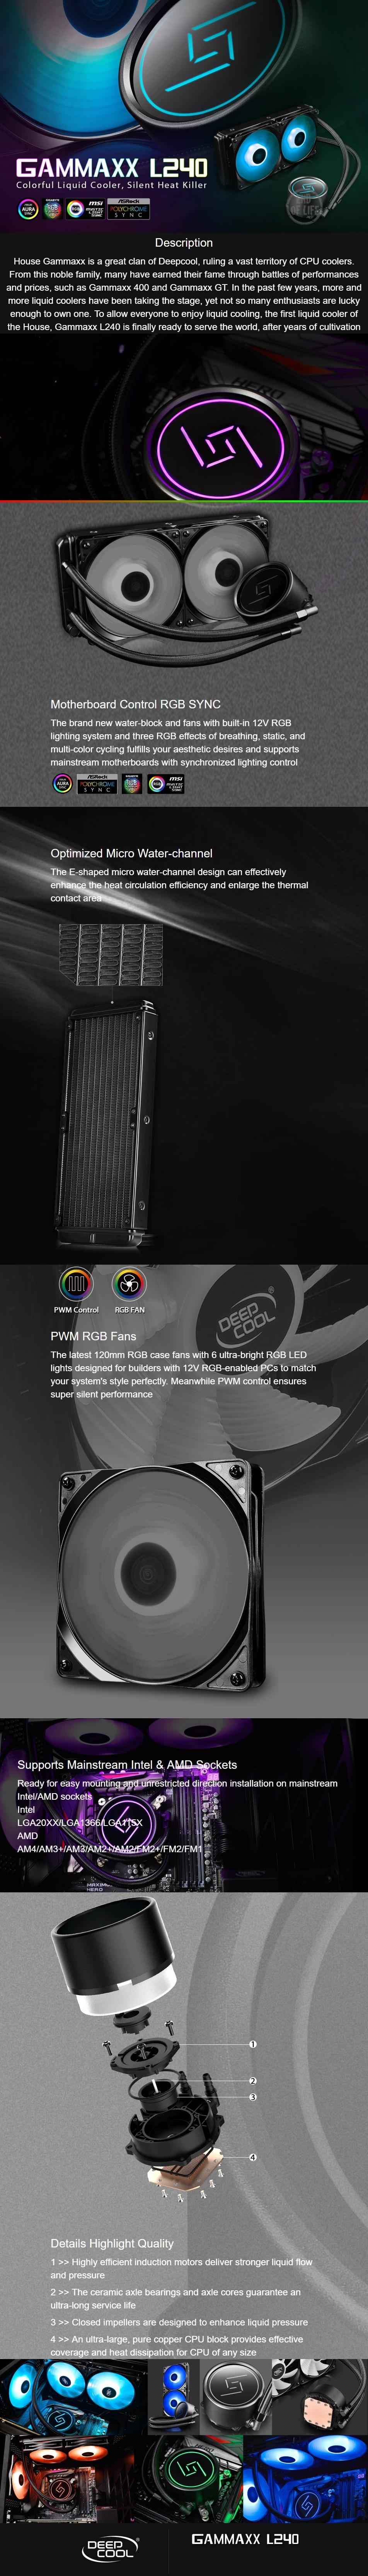 Deepcool Gammaxx L240 Super Silent PWM RGB LED AIO Liquid Cooler